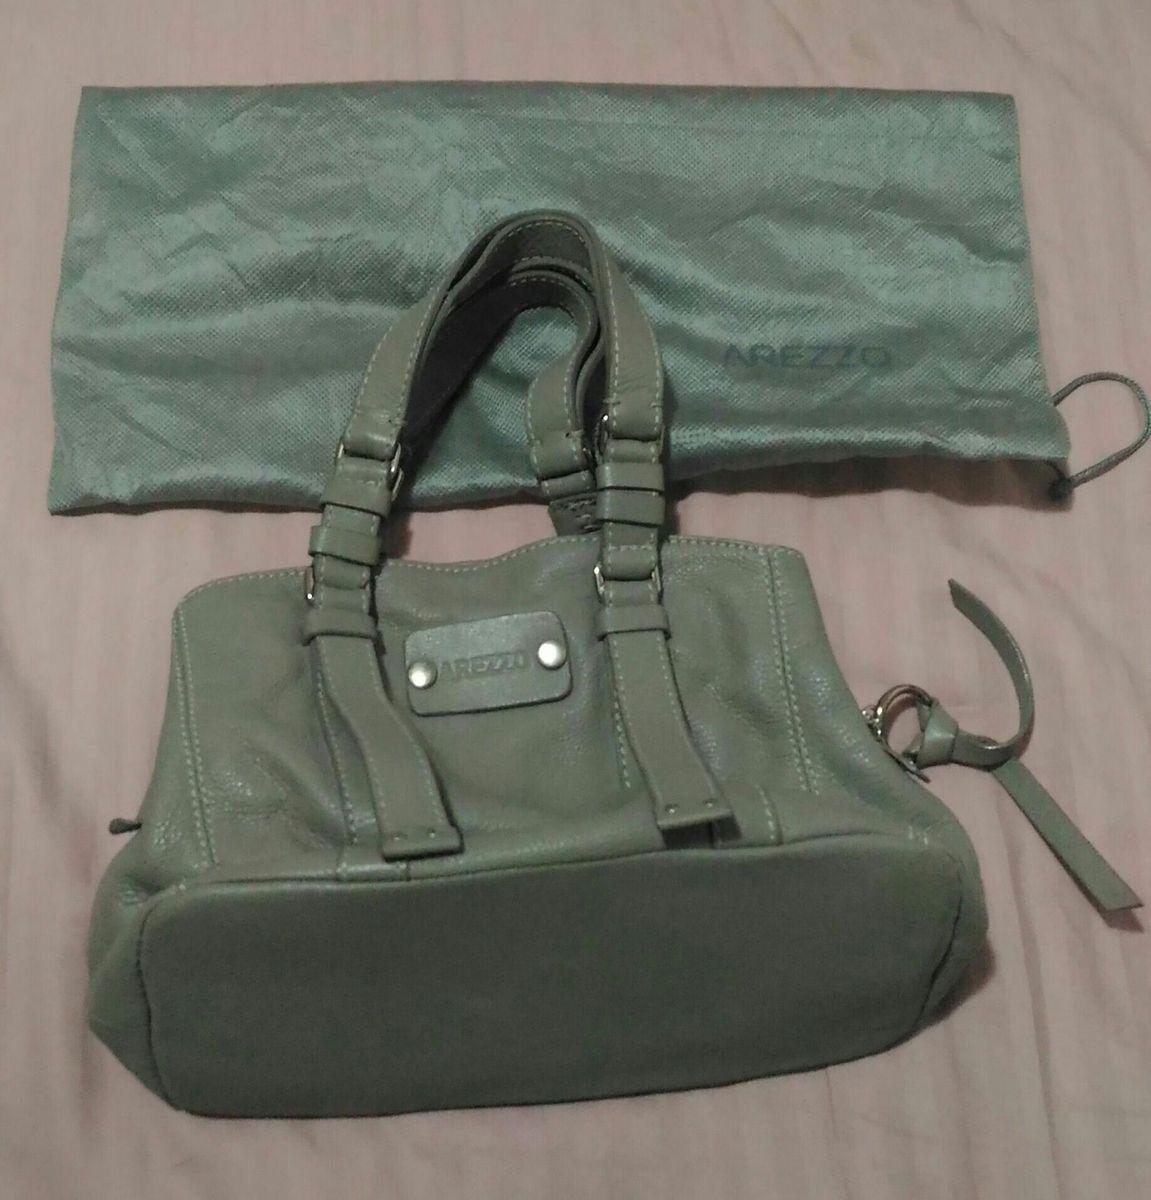 0967f3c91 bolsa arezzo original - de mão arezzo.  Czm6ly9wag90b3muzw5qb2vplmnvbs5ici9wcm9kdwn0cy85njk2mzezlzviytg2mwe5nmq1ywe3yznkzmu1nwe2odjmmmyznmi2lmpwzw